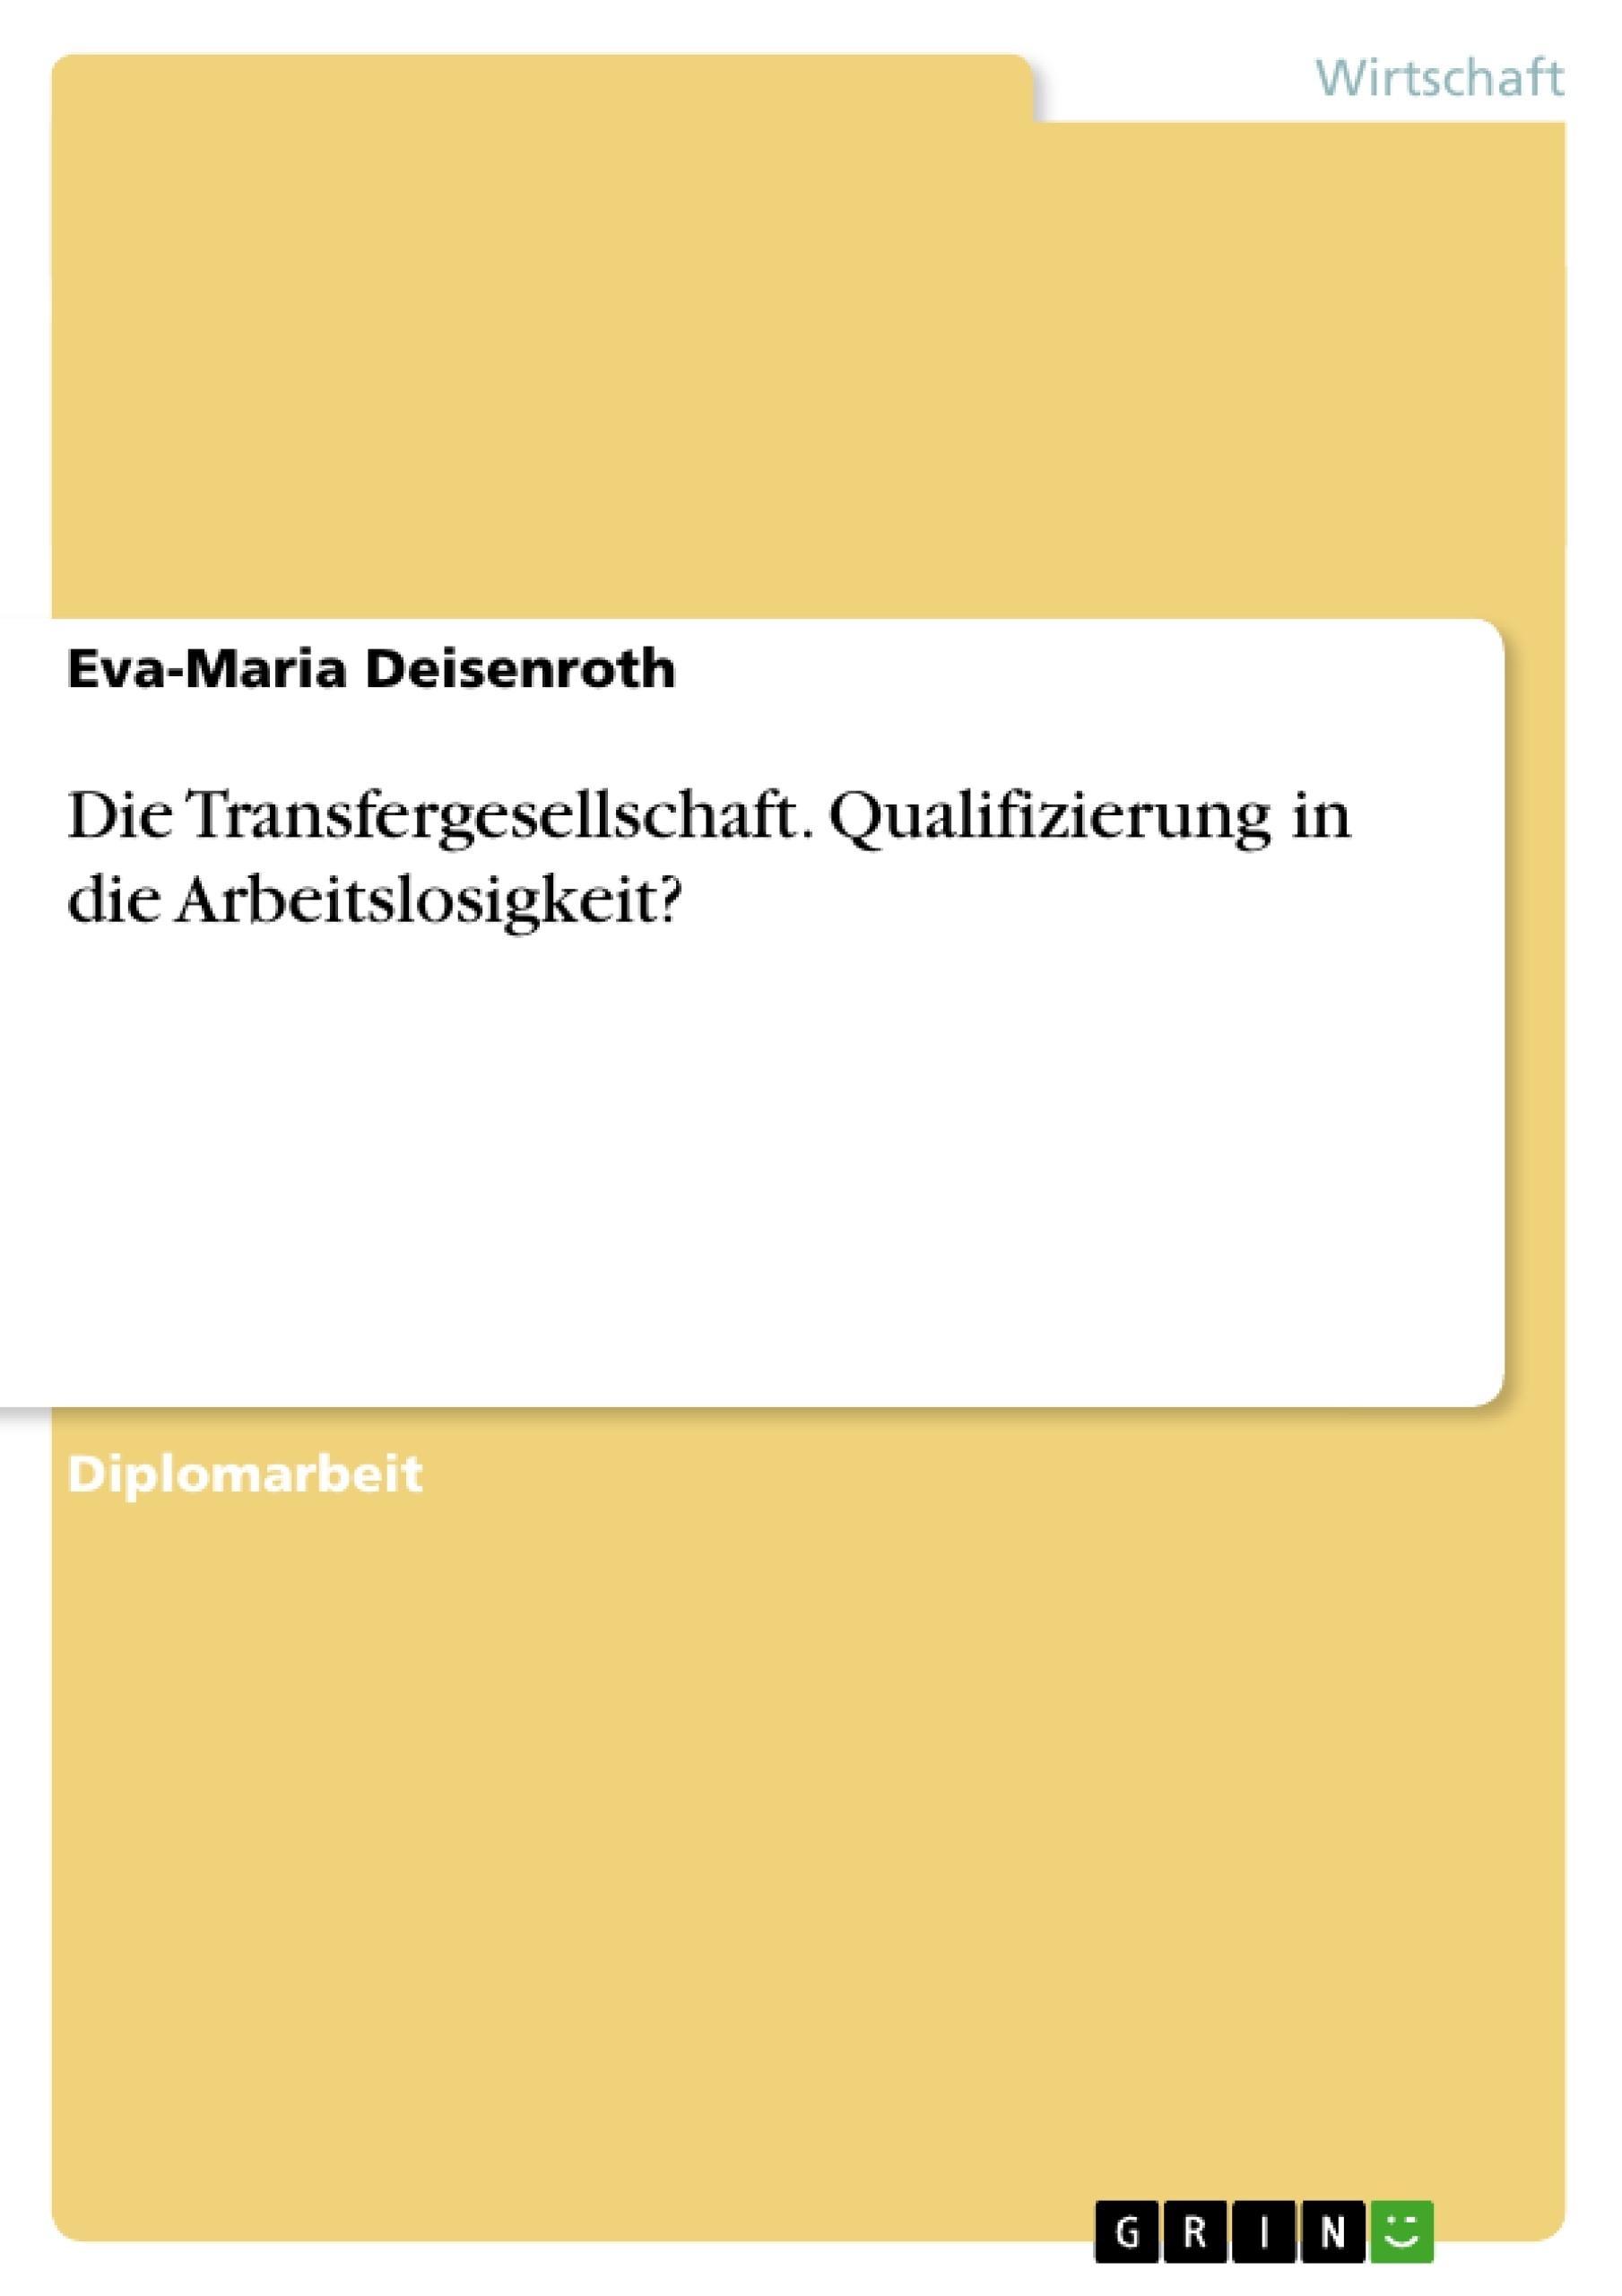 Titel: Die Transfergesellschaft. Qualifizierung in die Arbeitslosigkeit?